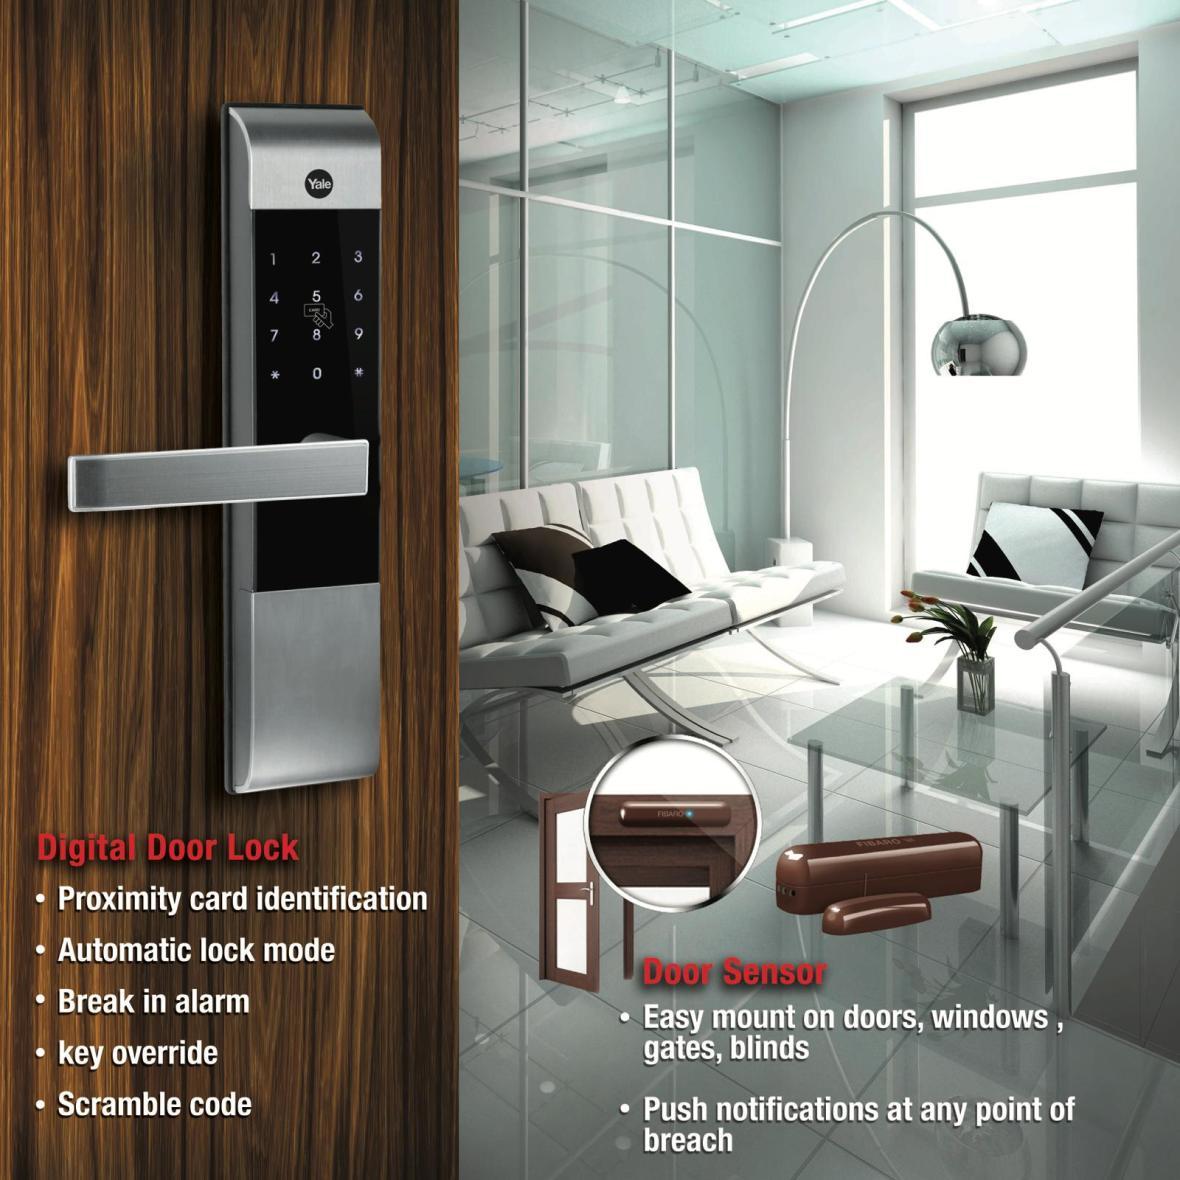 Belgravia Green Digital Door Lock Door Sensor, developer sales team, clara heng